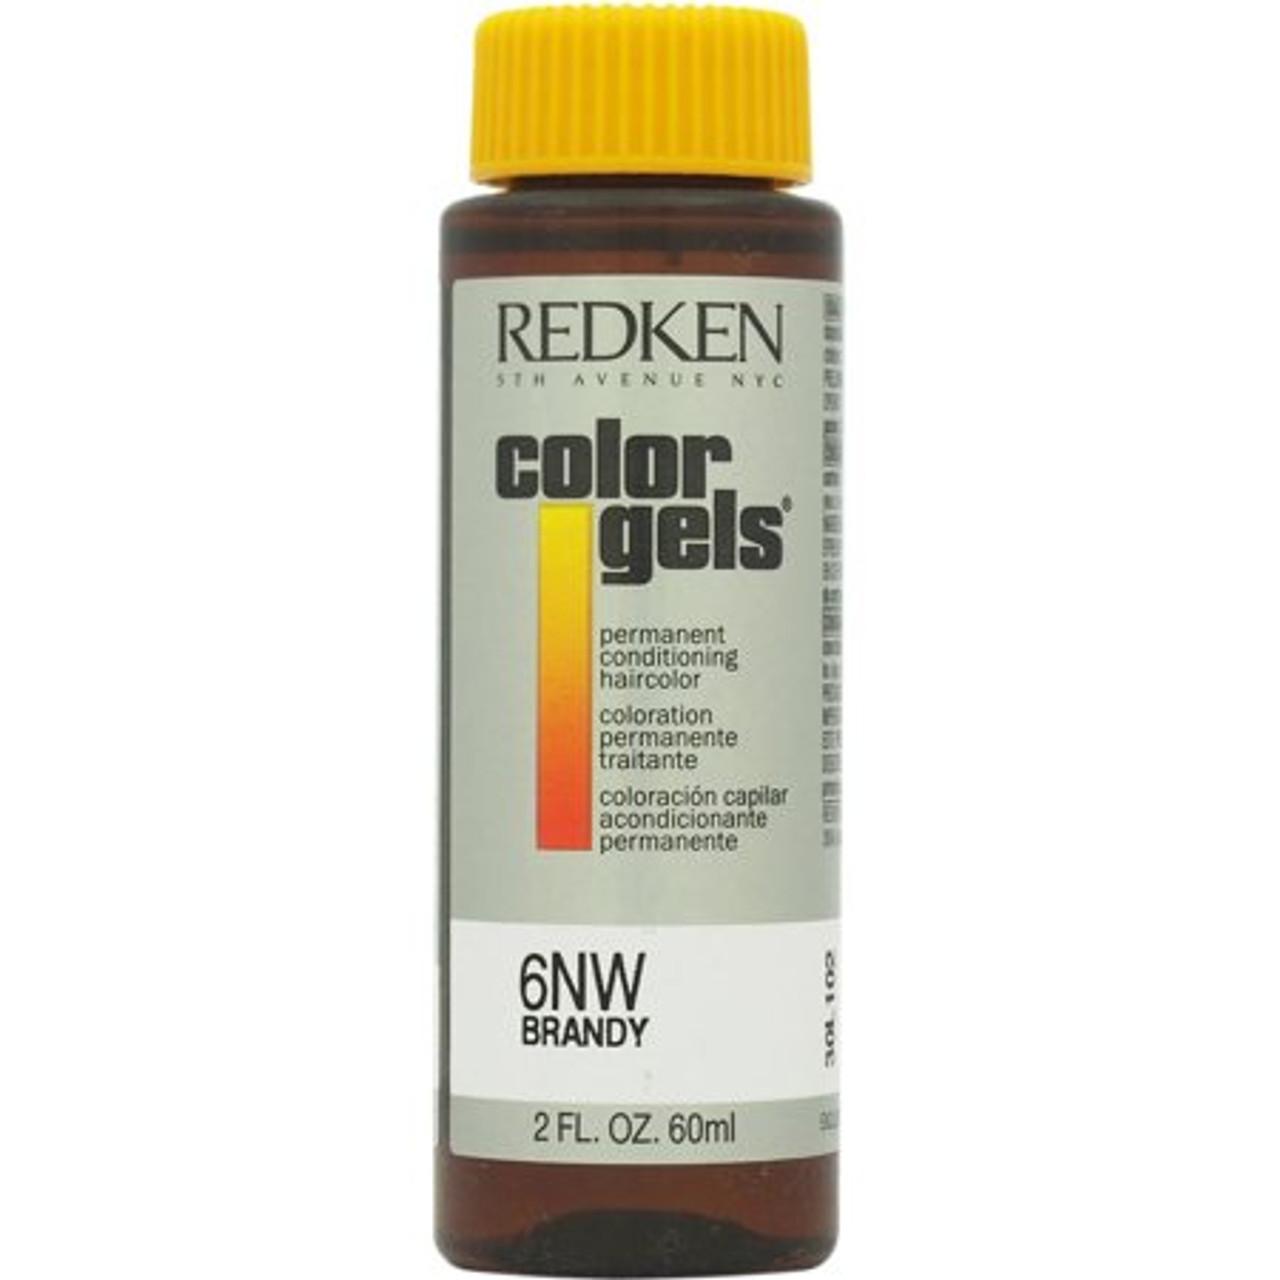 6Nw Brandy Color Gel Redken 2 oz